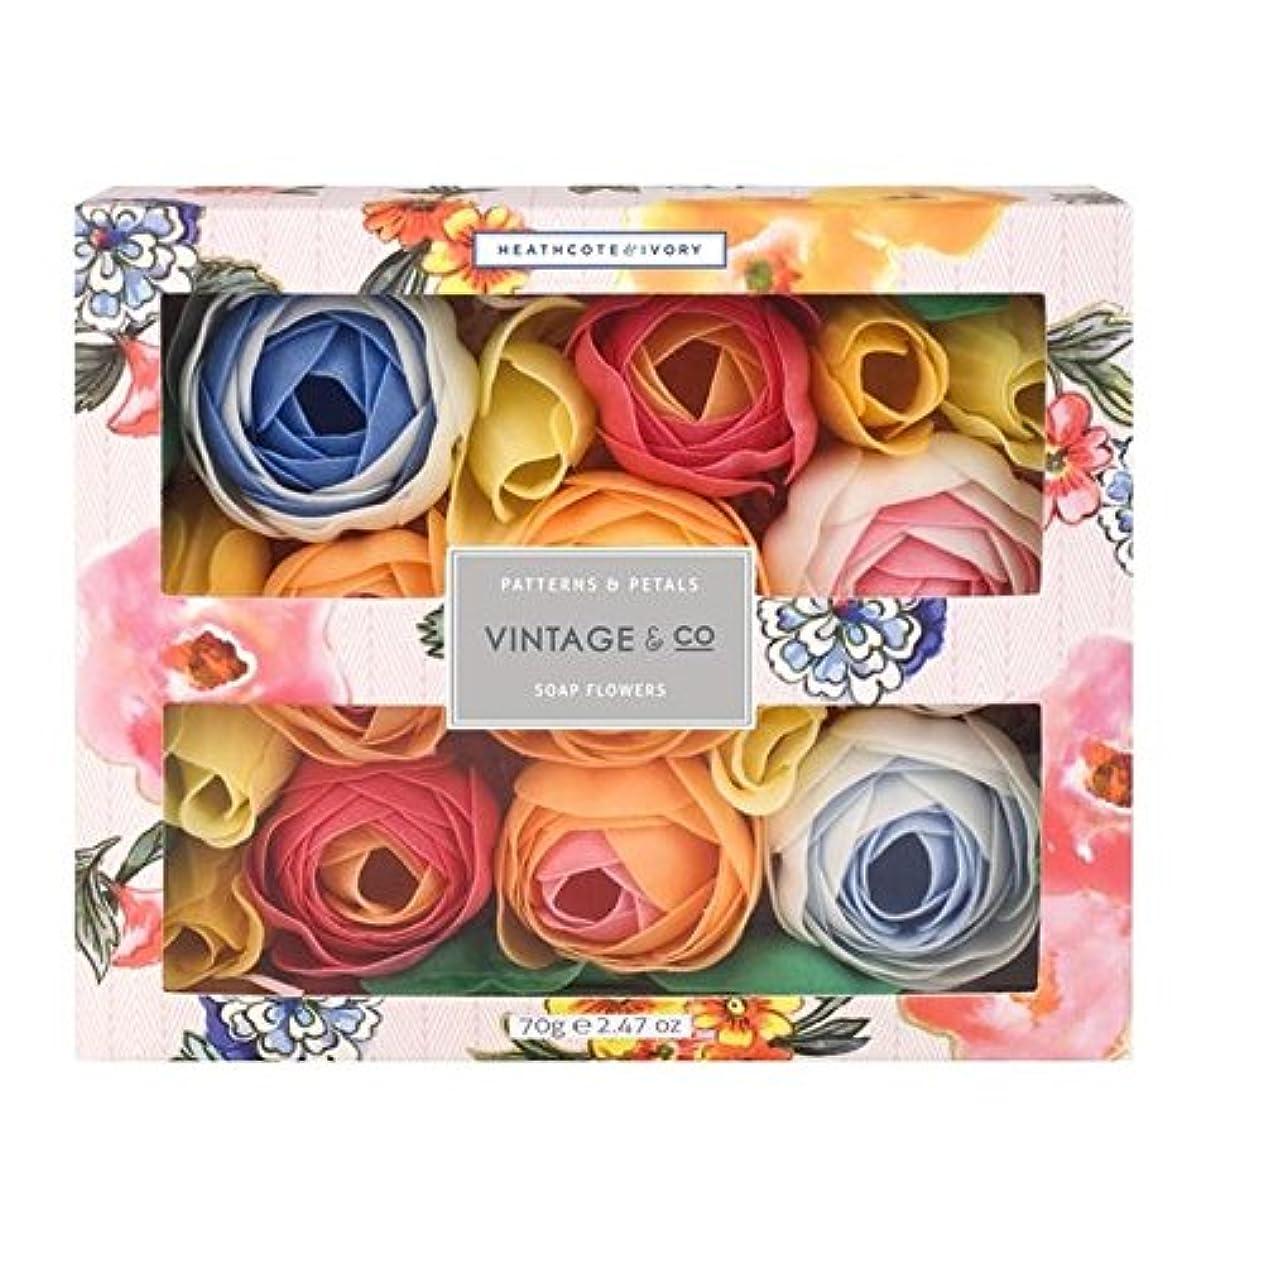 キャプチャー誇張未使用ヒースコート&アイボリーパターン&花びら石鹸の花70グラム x2 - Heathcote & Ivory Patterns & Petals Soap Flowers 70g (Pack of 2) [並行輸入品]